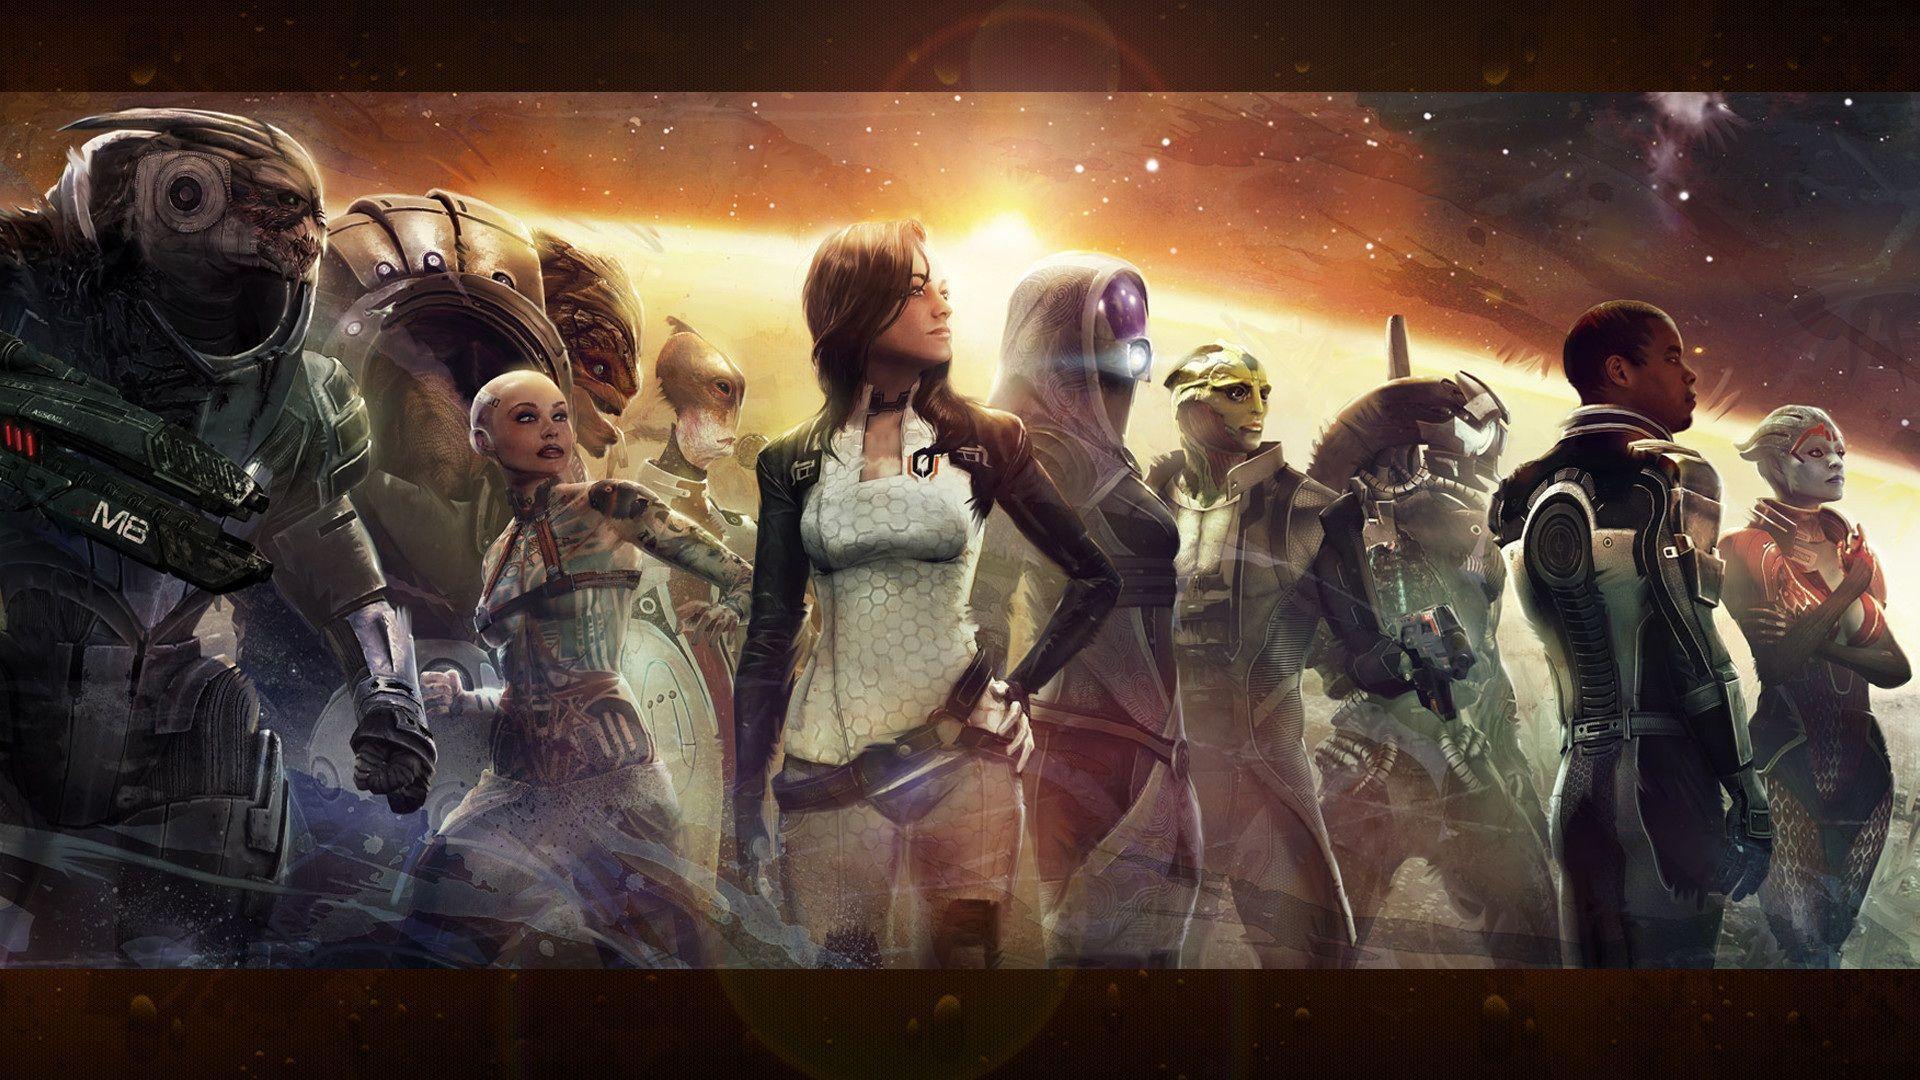 10680 - ¿Cuánto conoces de la saga Mass Effect?